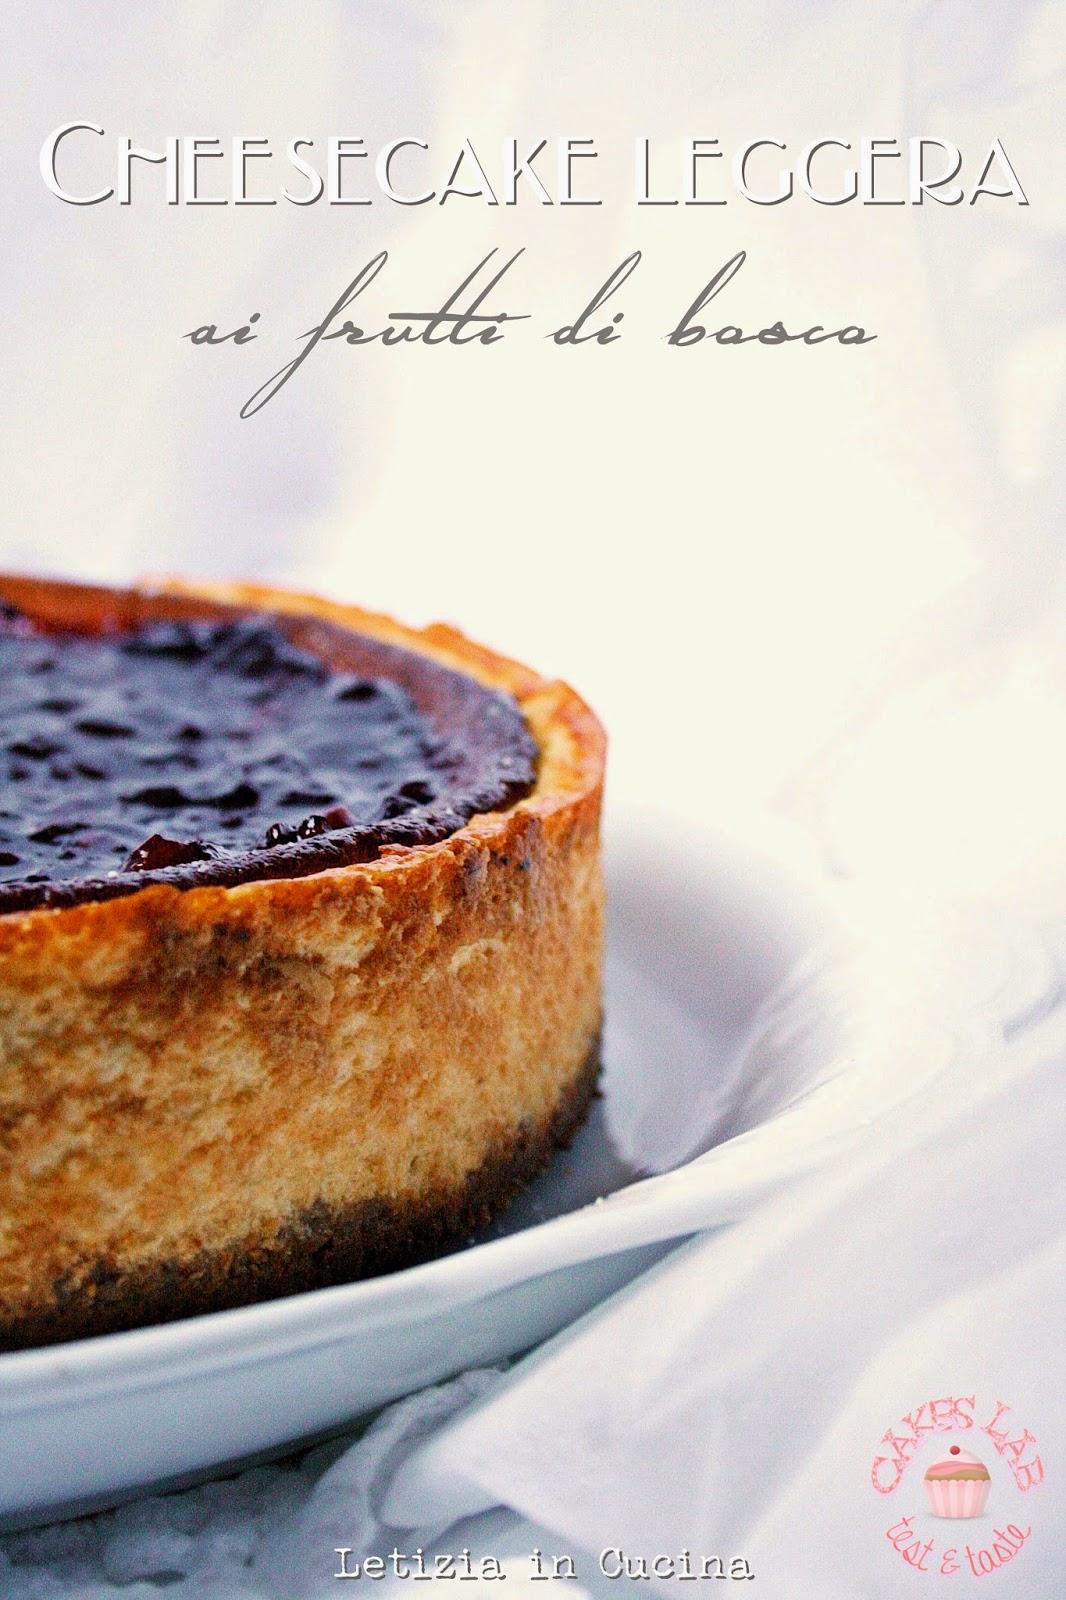 Letizia in Cucina: settembre 2014